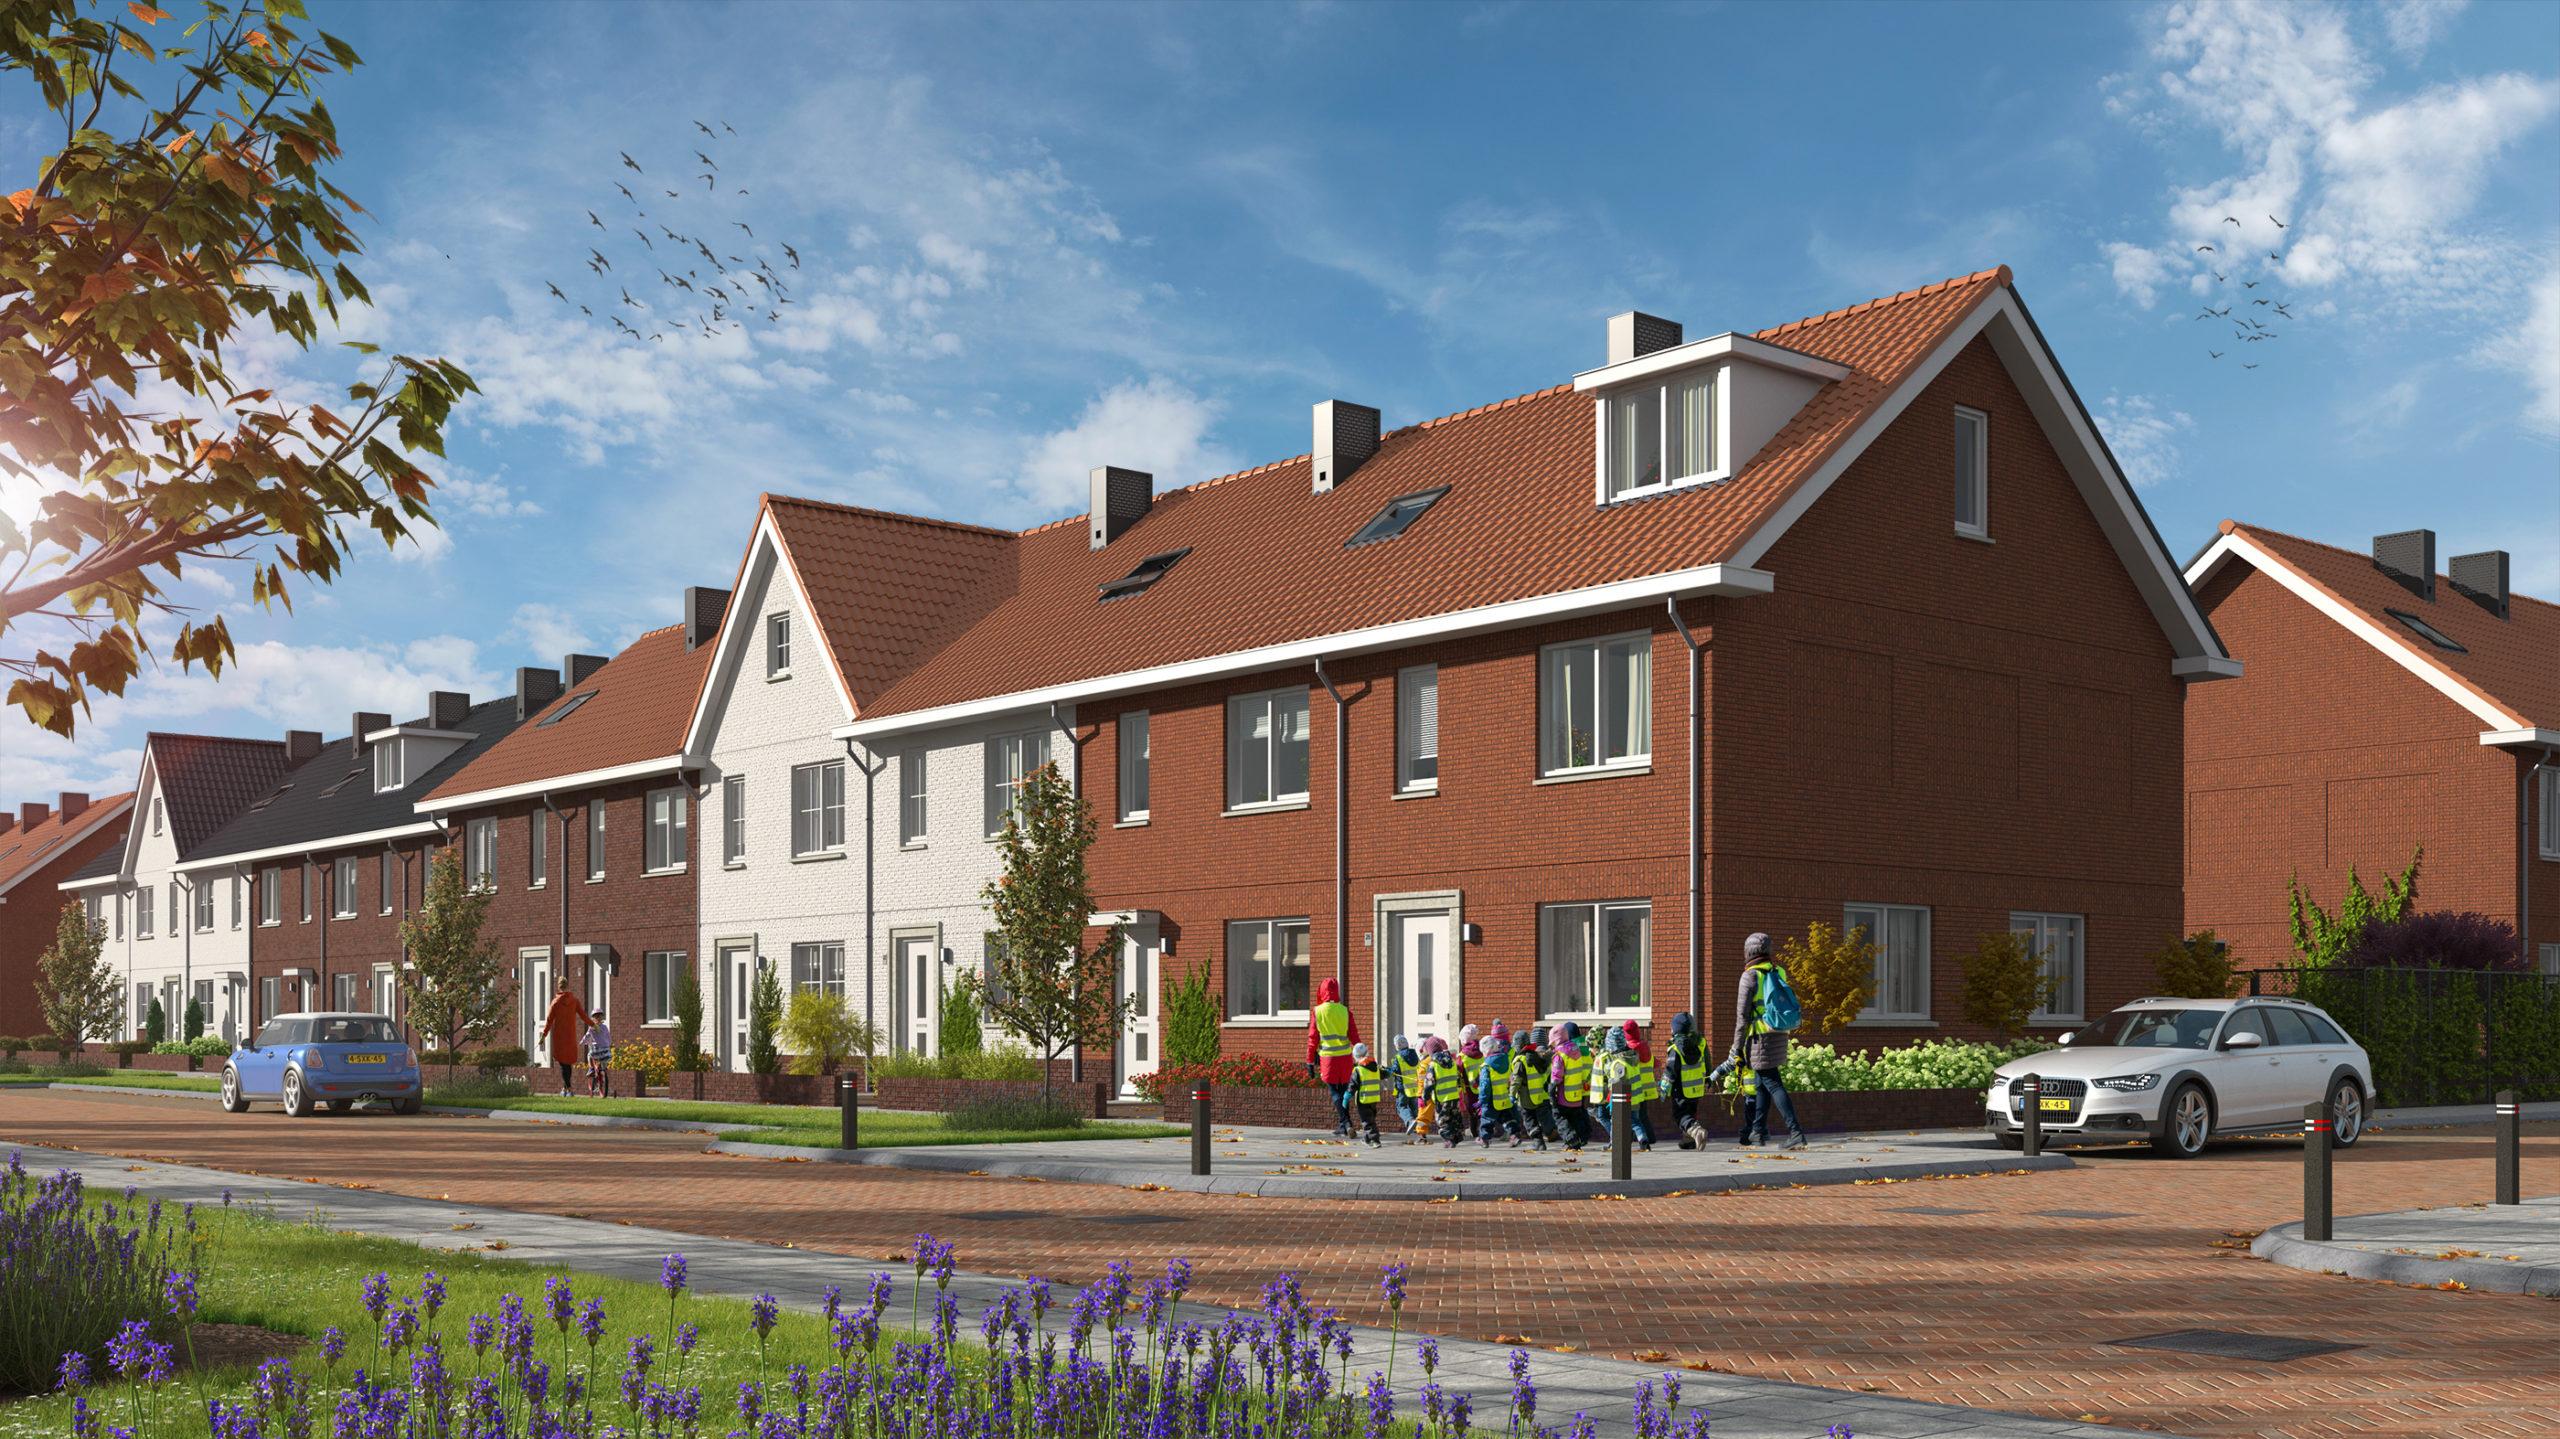 Eerste fase huurwoningen buitengebied Mortiere opgeleverd aan Groenwoningen Fonds van Credit Linked Beheer